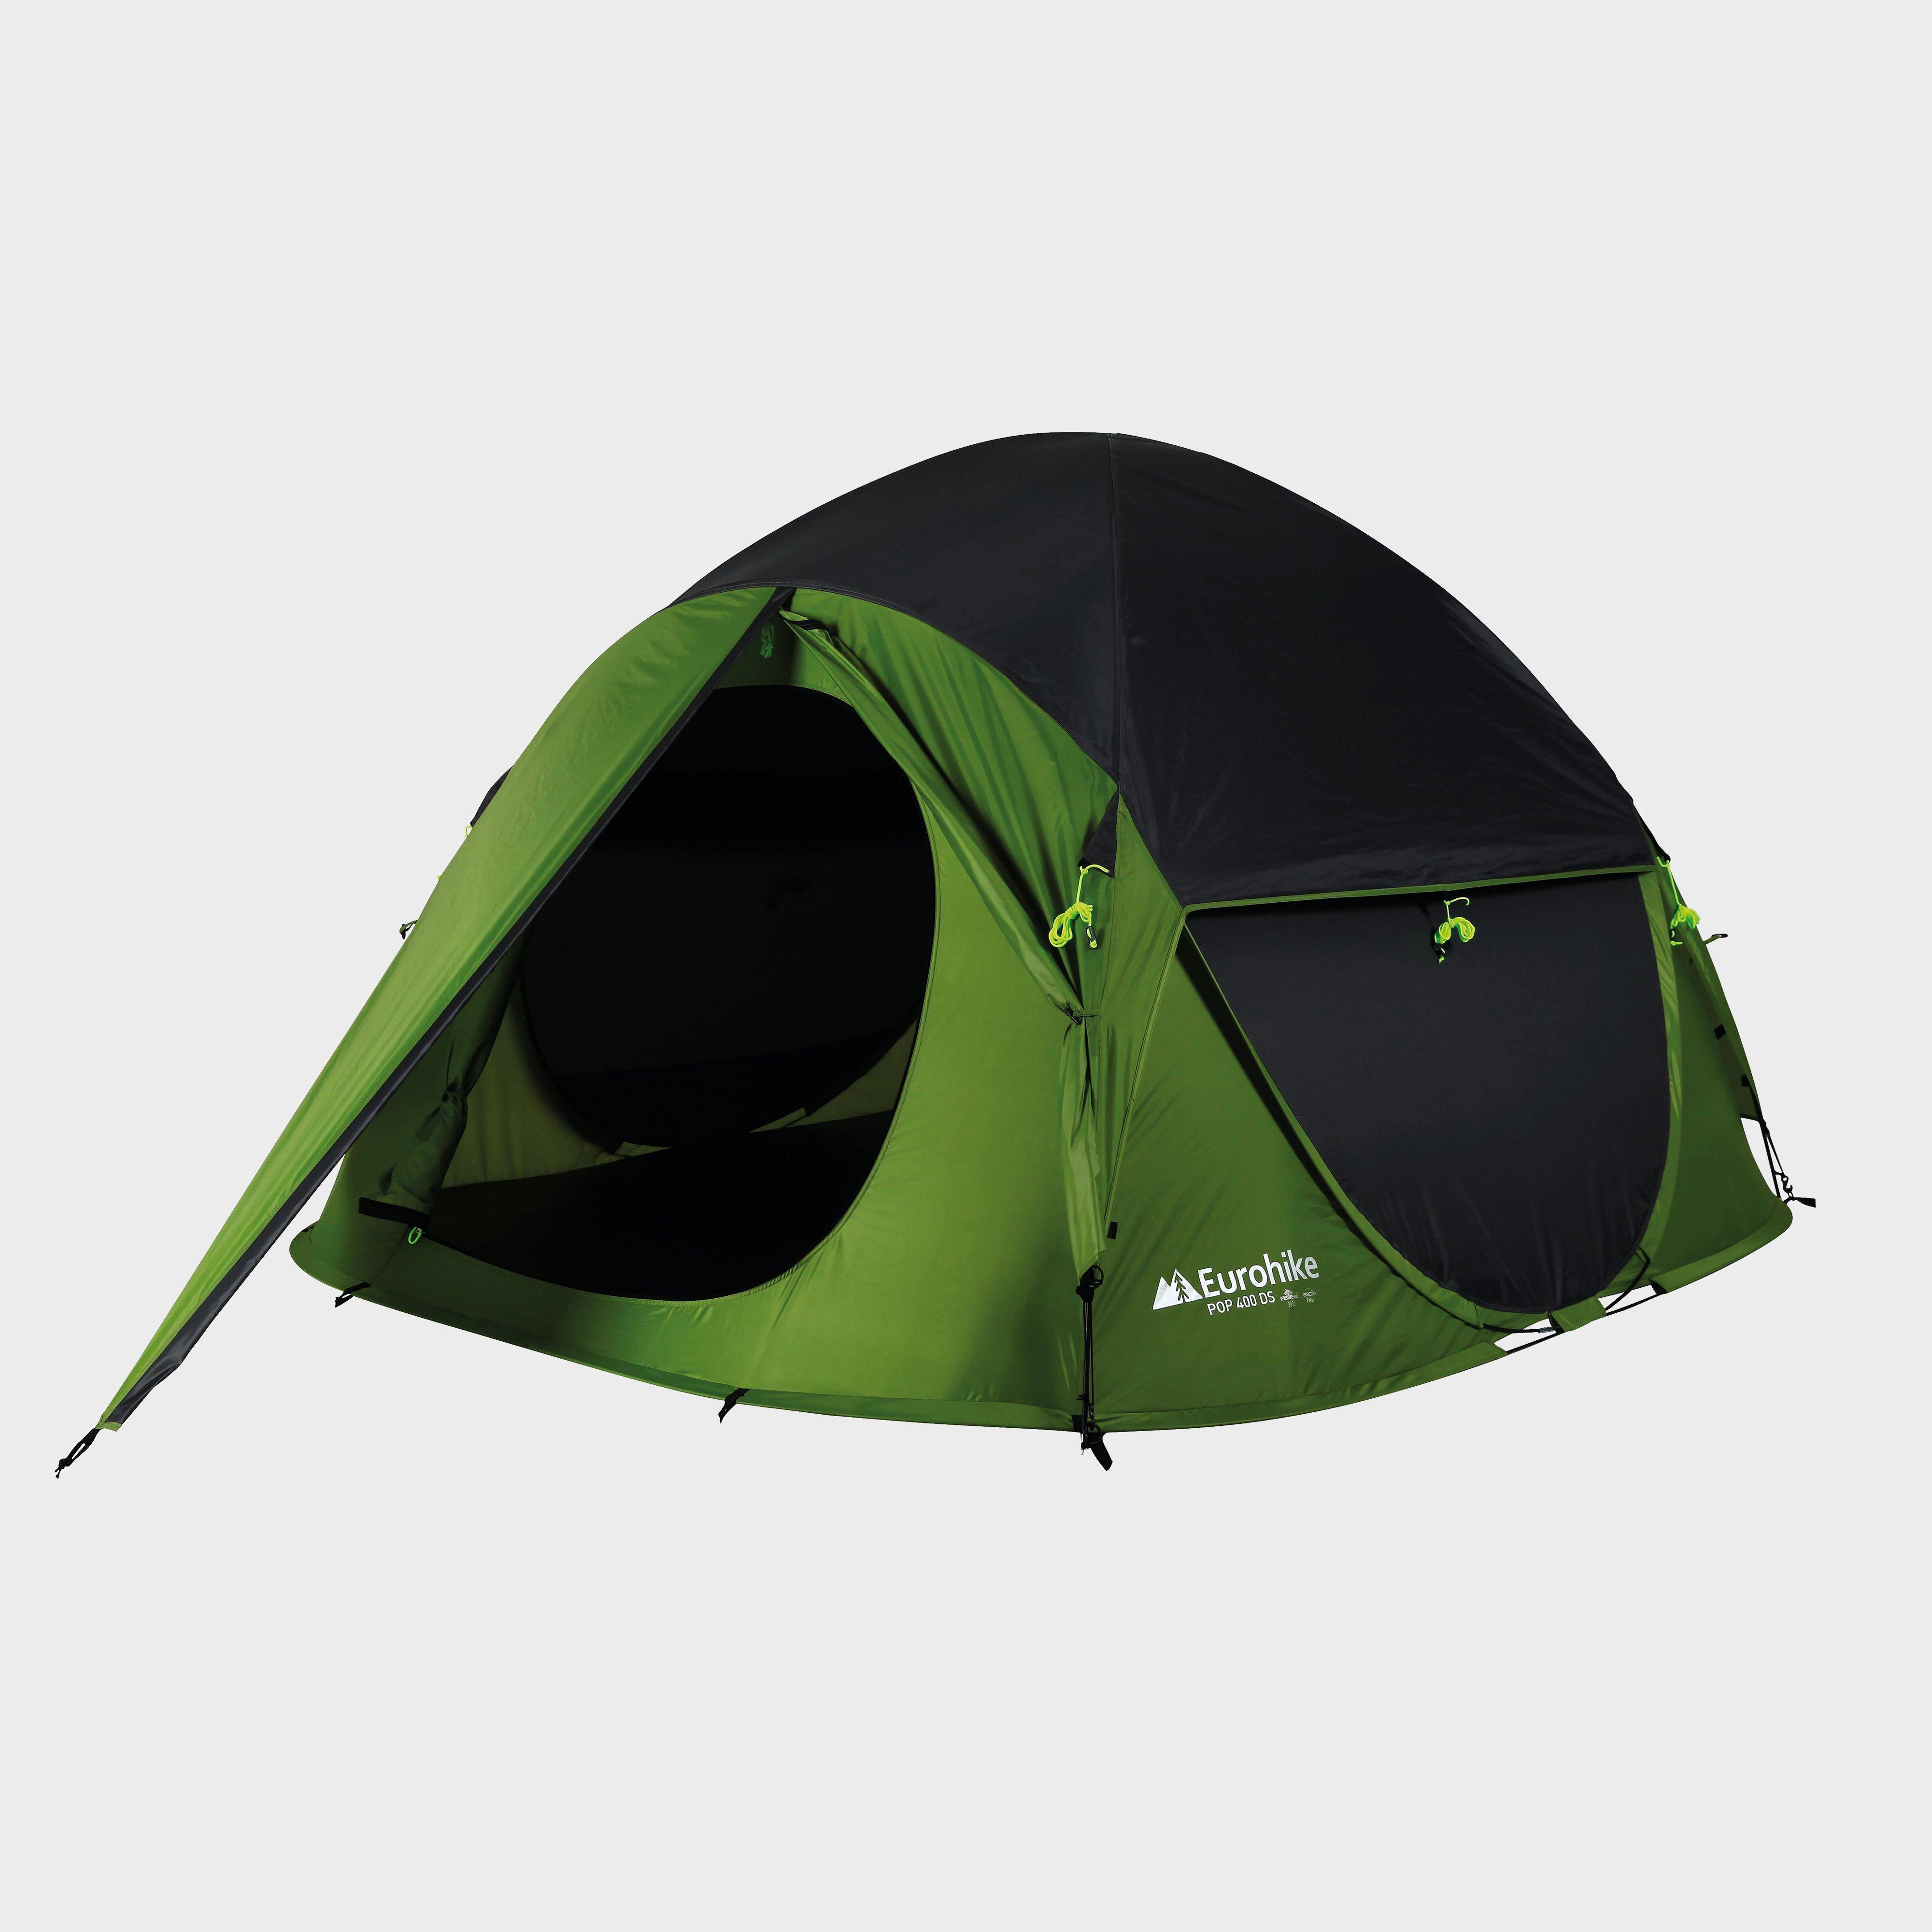 Eurohike Pop 400 Ds Tent - Green/Green, Green/Green